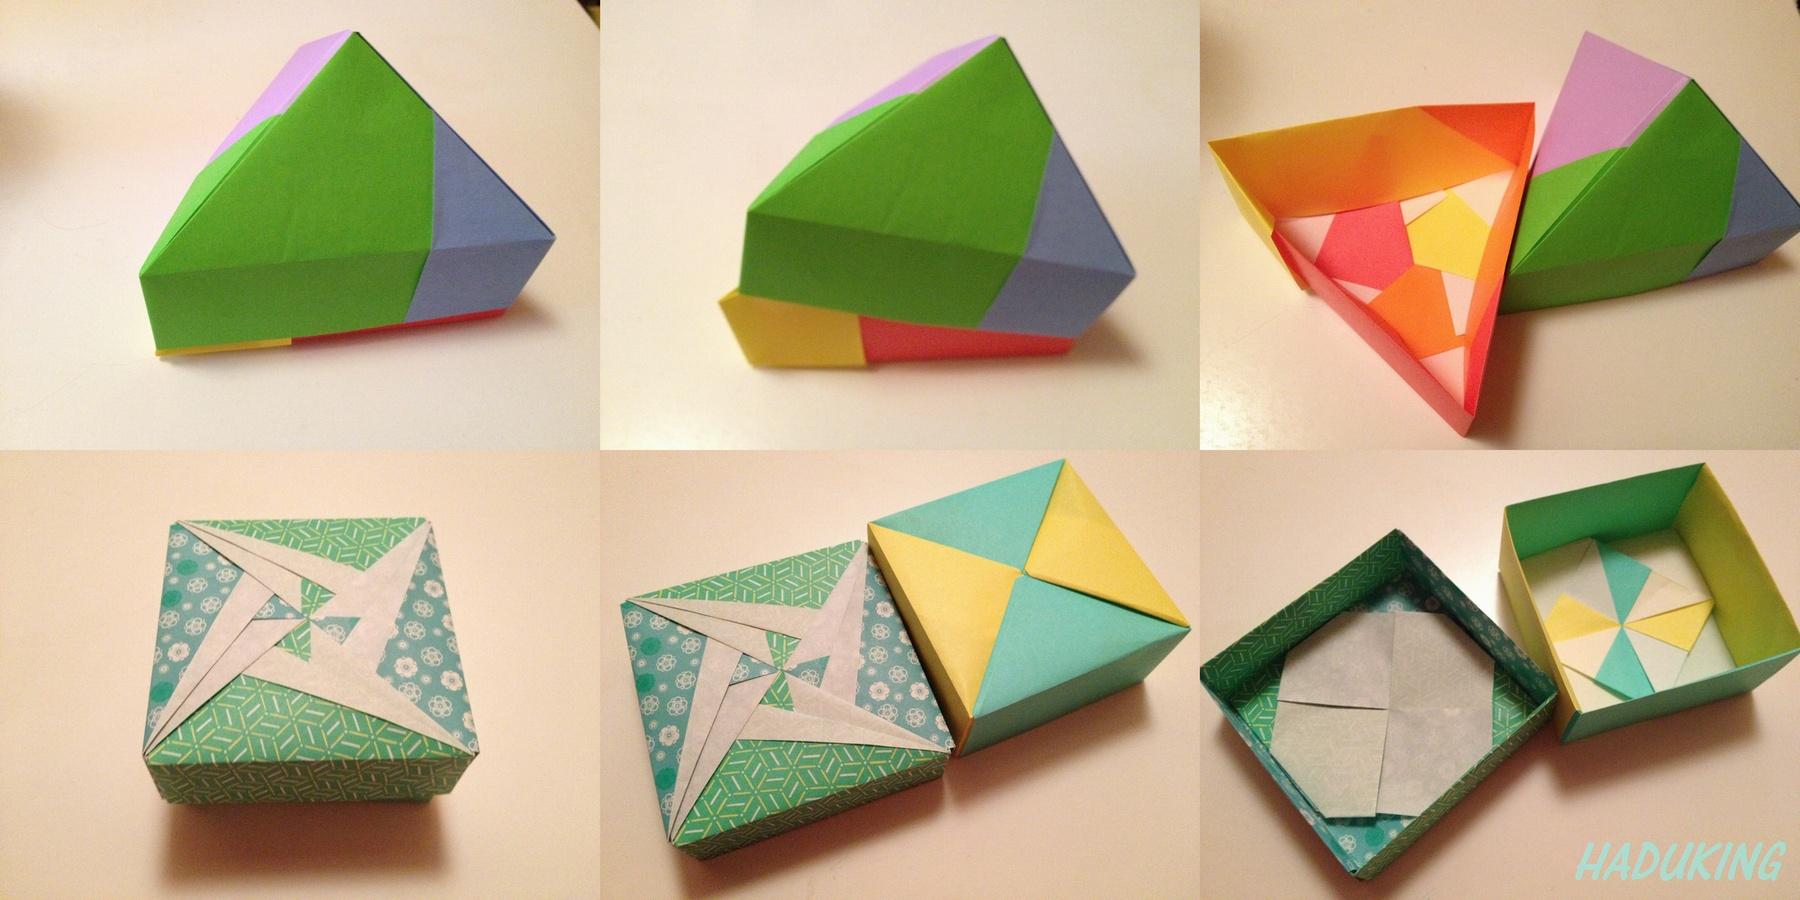 ... 王国:折り紙で箱を作りまくり